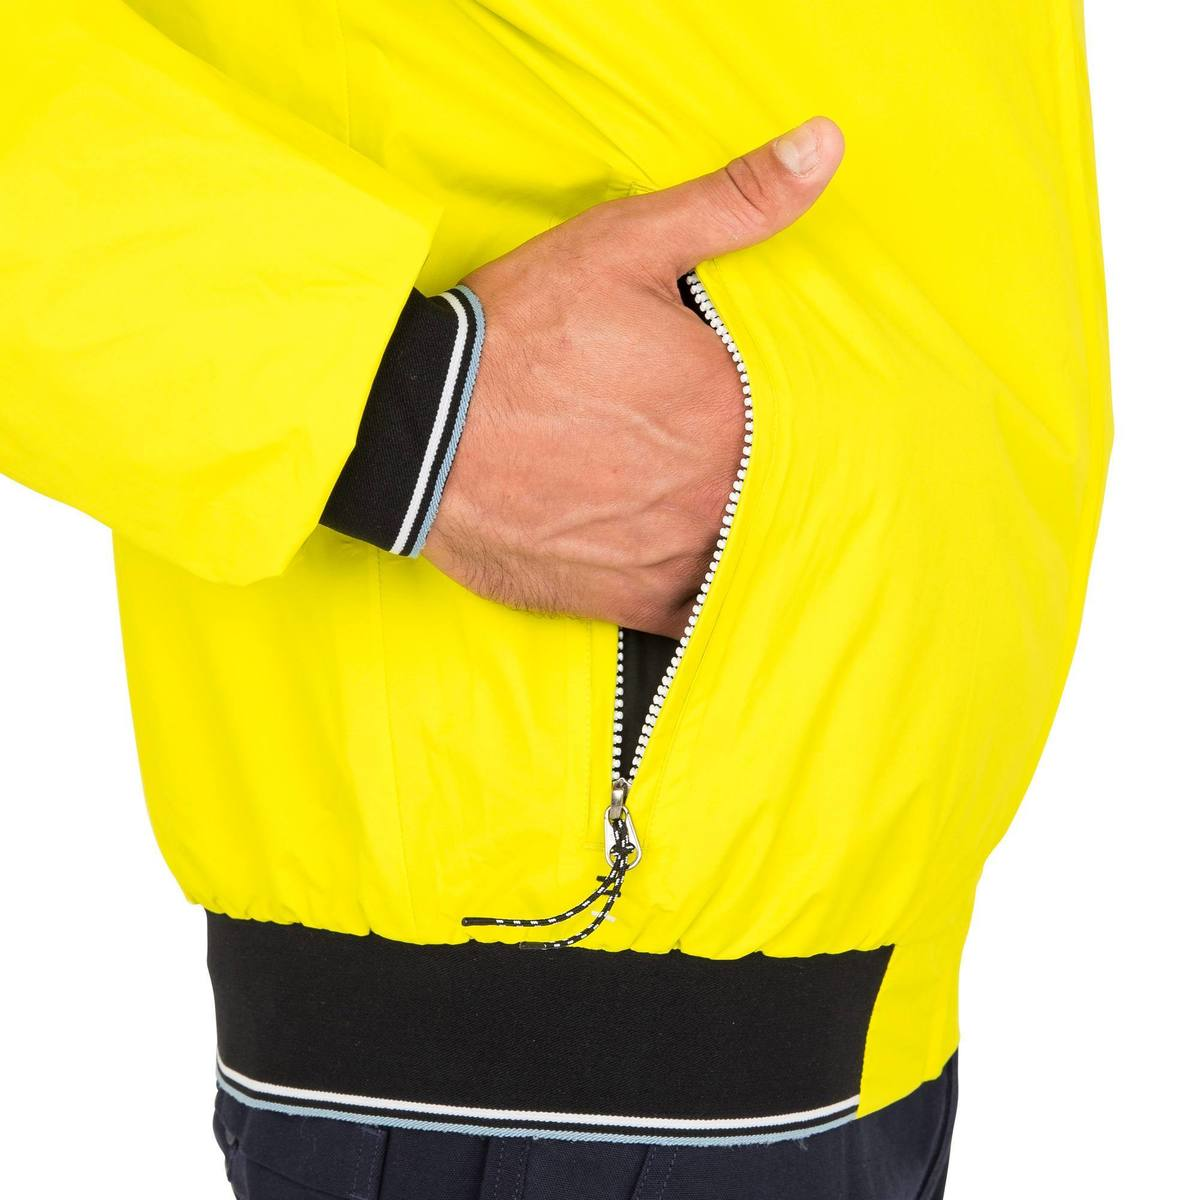 Bild 5 von Segeljacke Blouson Race 100 Herren gelb